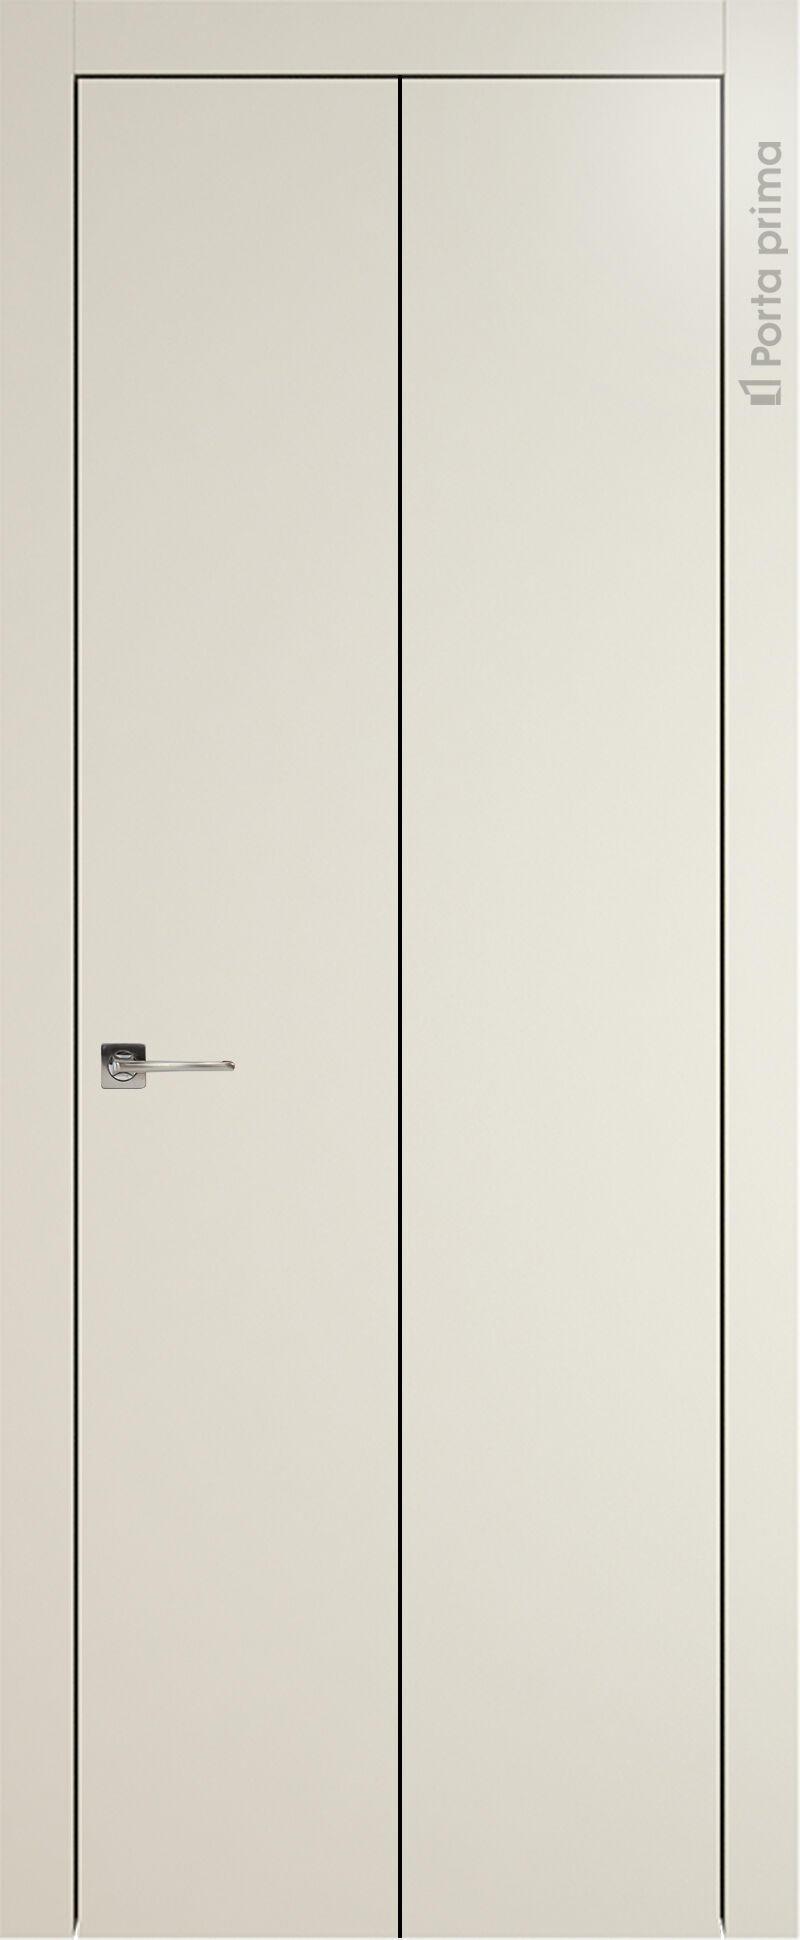 Tivoli А-1 Книжка цвет - Жемчужная эмаль Без стекла (ДГ)